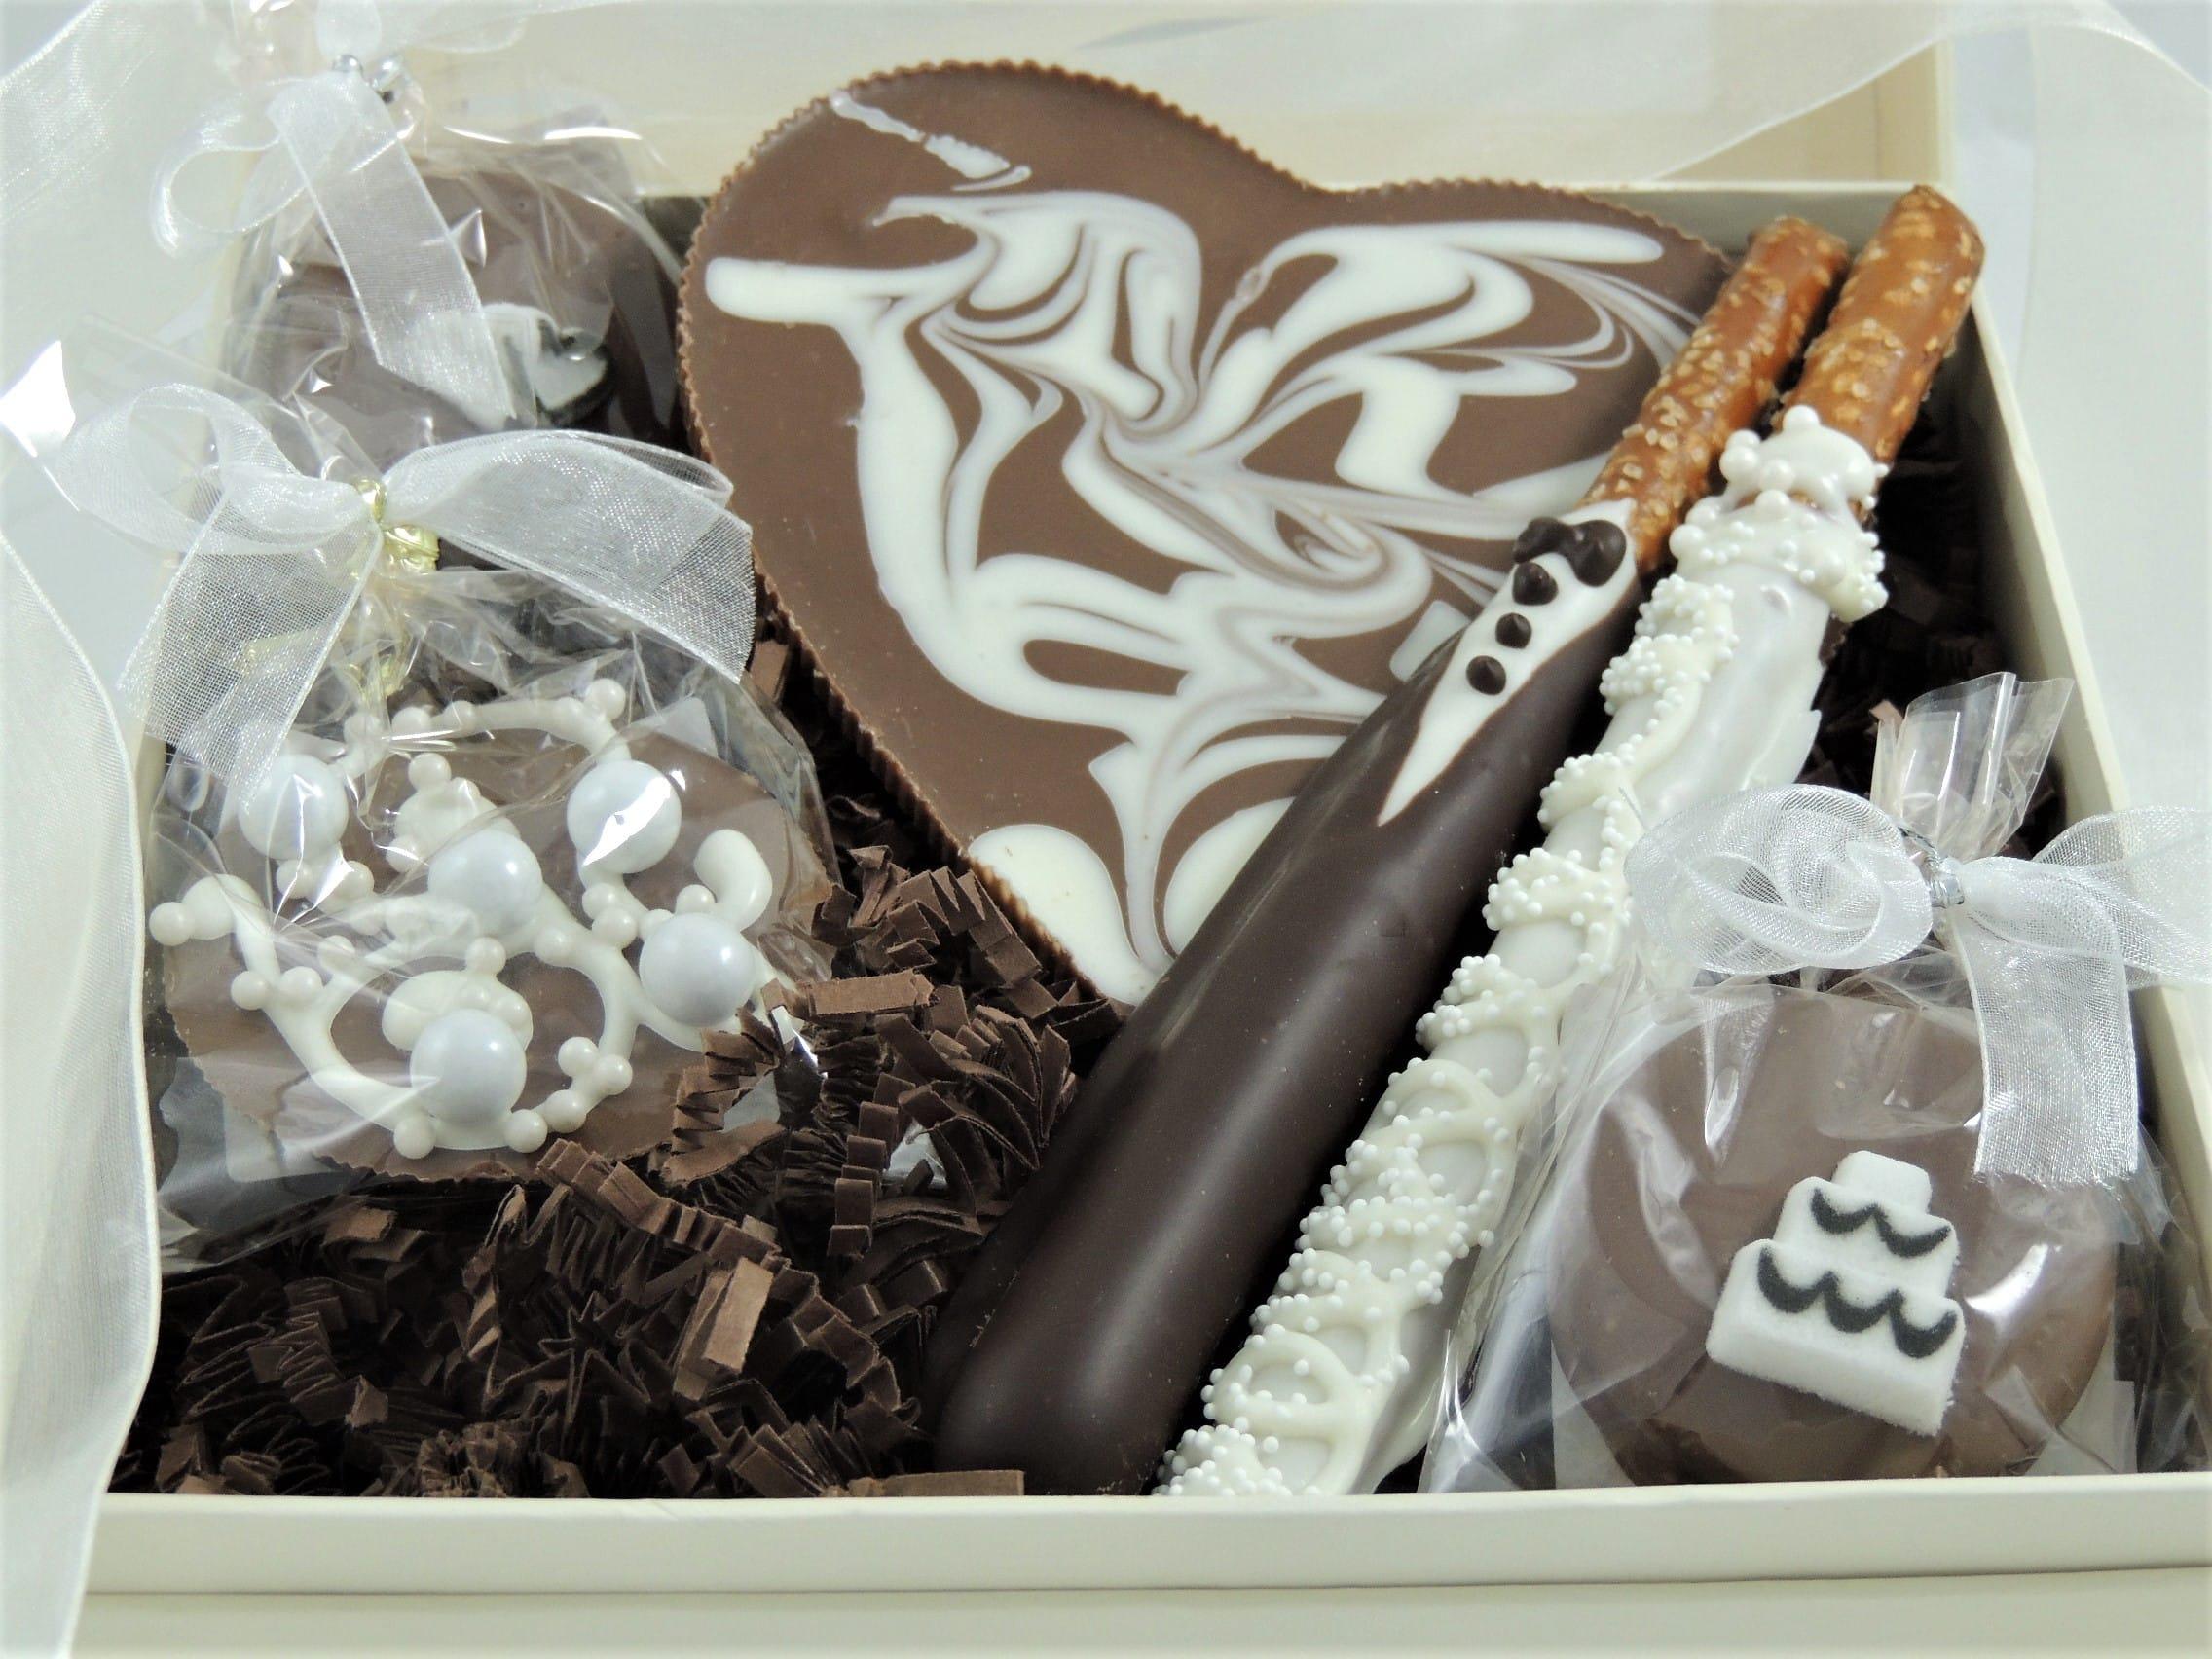 Wedding Wishes Gift Basket Sweet Treats Smiles